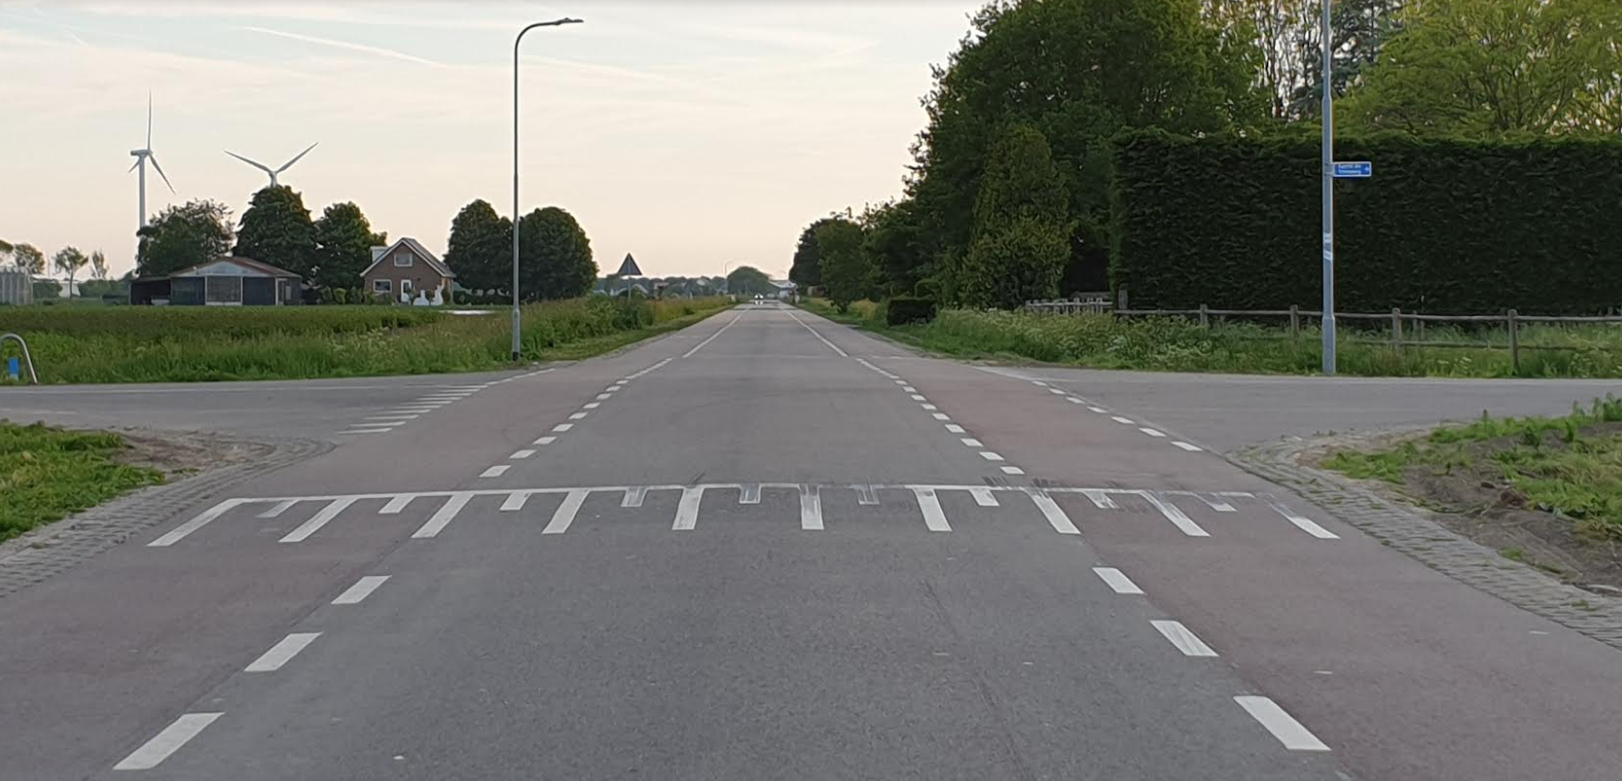 Verticaal de Ged, Laanweg - wordt gekruist door de Gerrit de Vriesweg Een goed overzichtelijk kruispunt - Burgemeester en Dorpsraad Andijk samen in gesprek met Hoogheemraad inzake verkeersveiligheid polderwegen